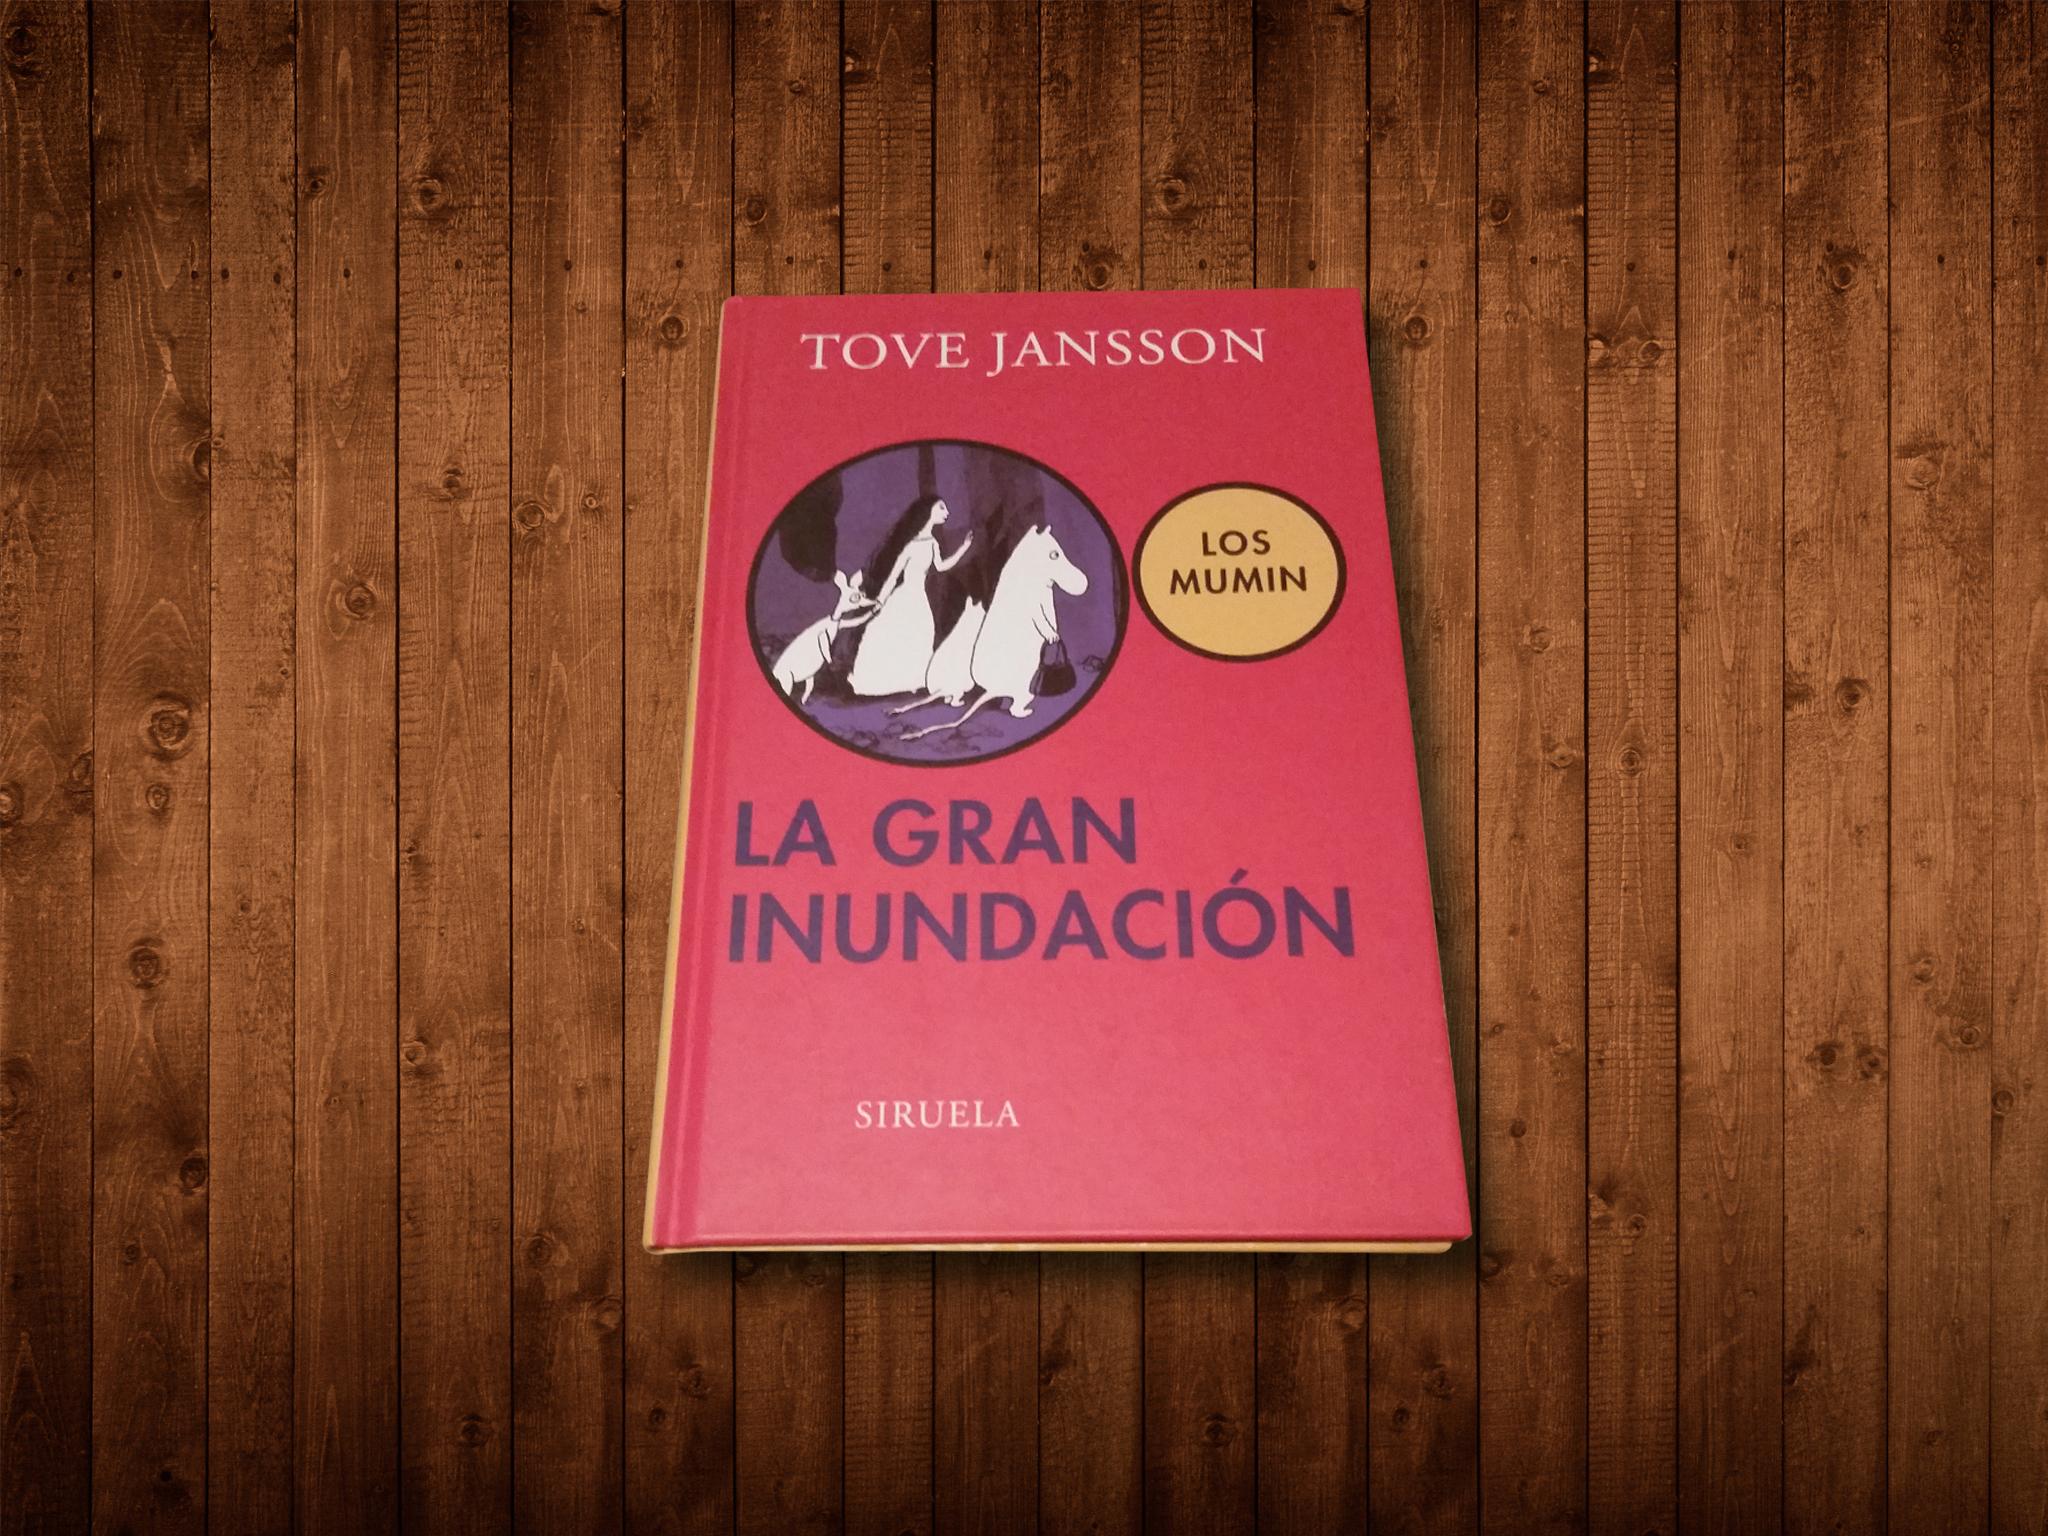 La gran inundación, de Tove Jansson